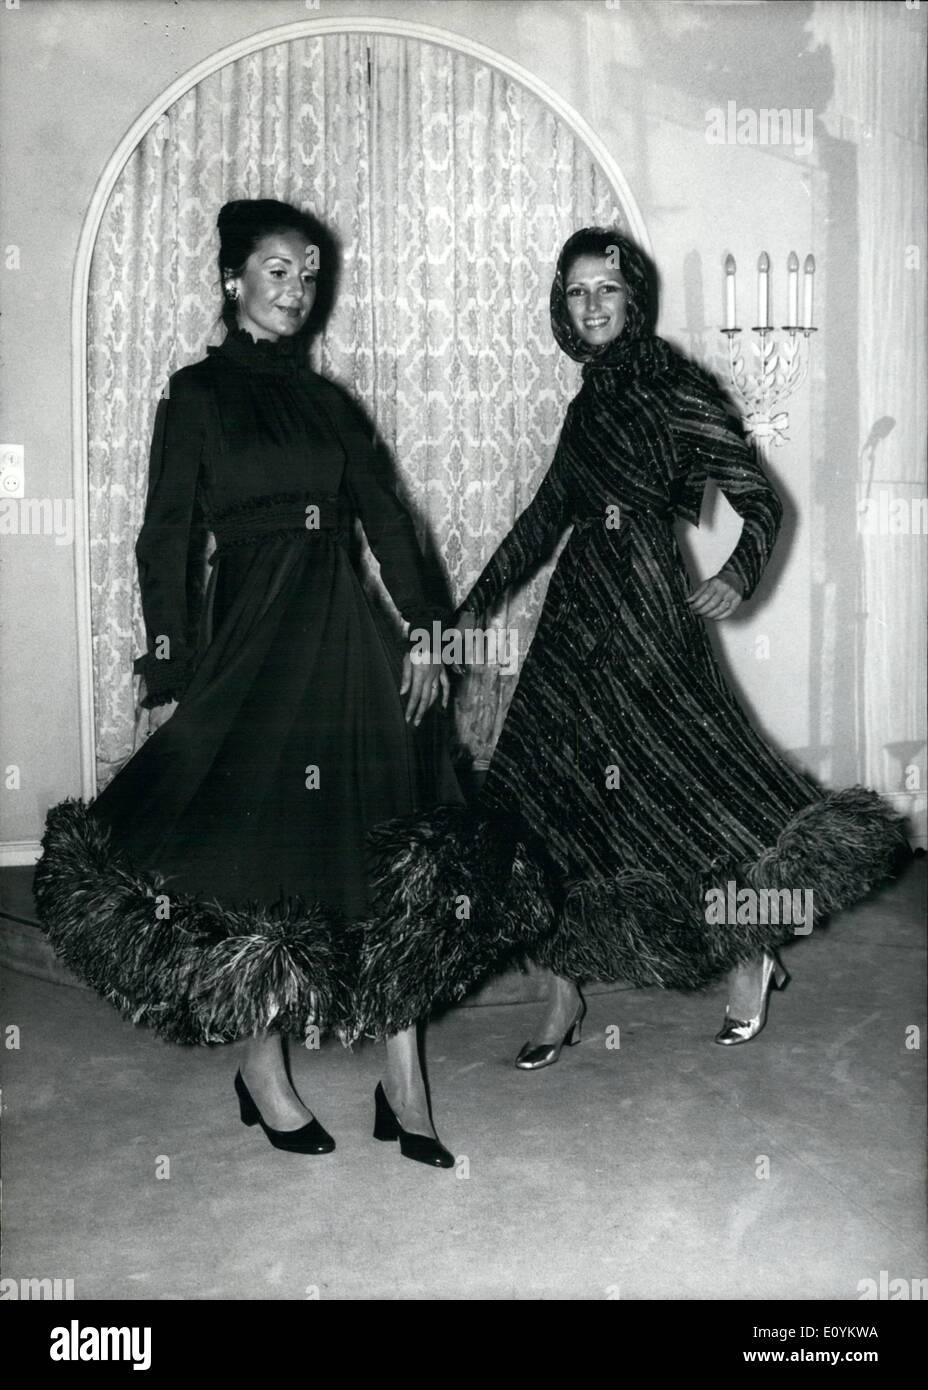 Ungewöhnlich 1970 Partykleid Ideen - Brautkleider Ideen - cashingy.info